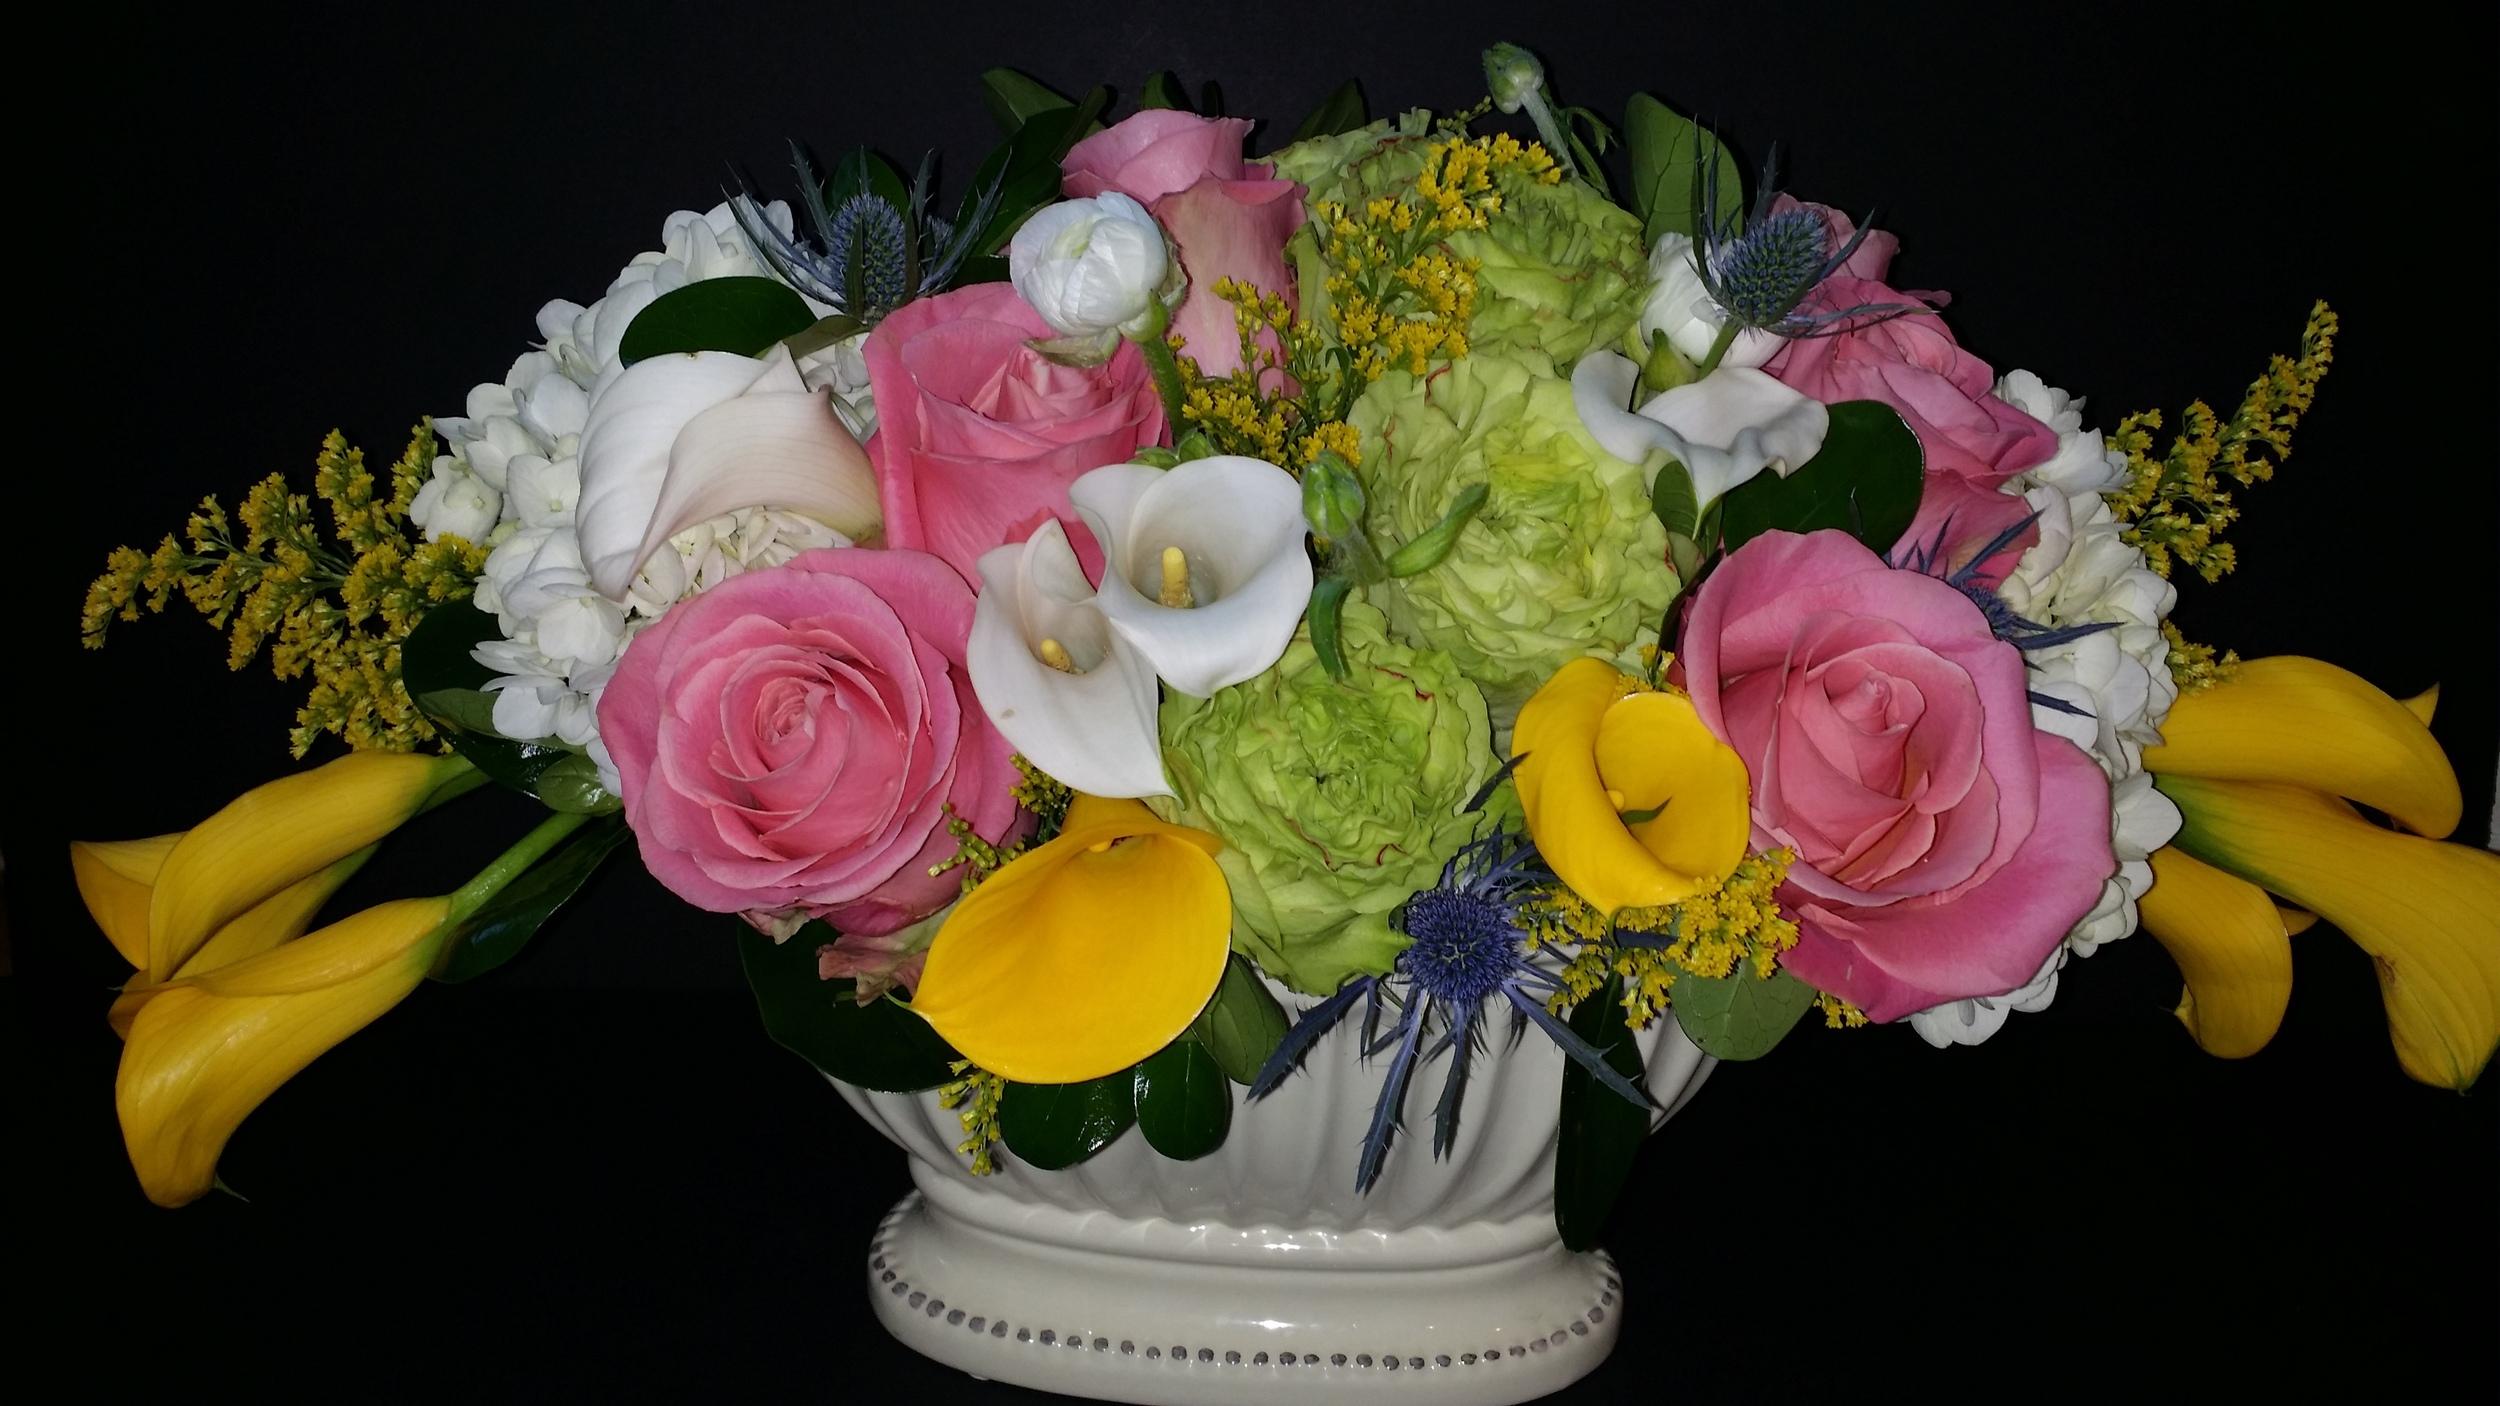 An Easter arrangement